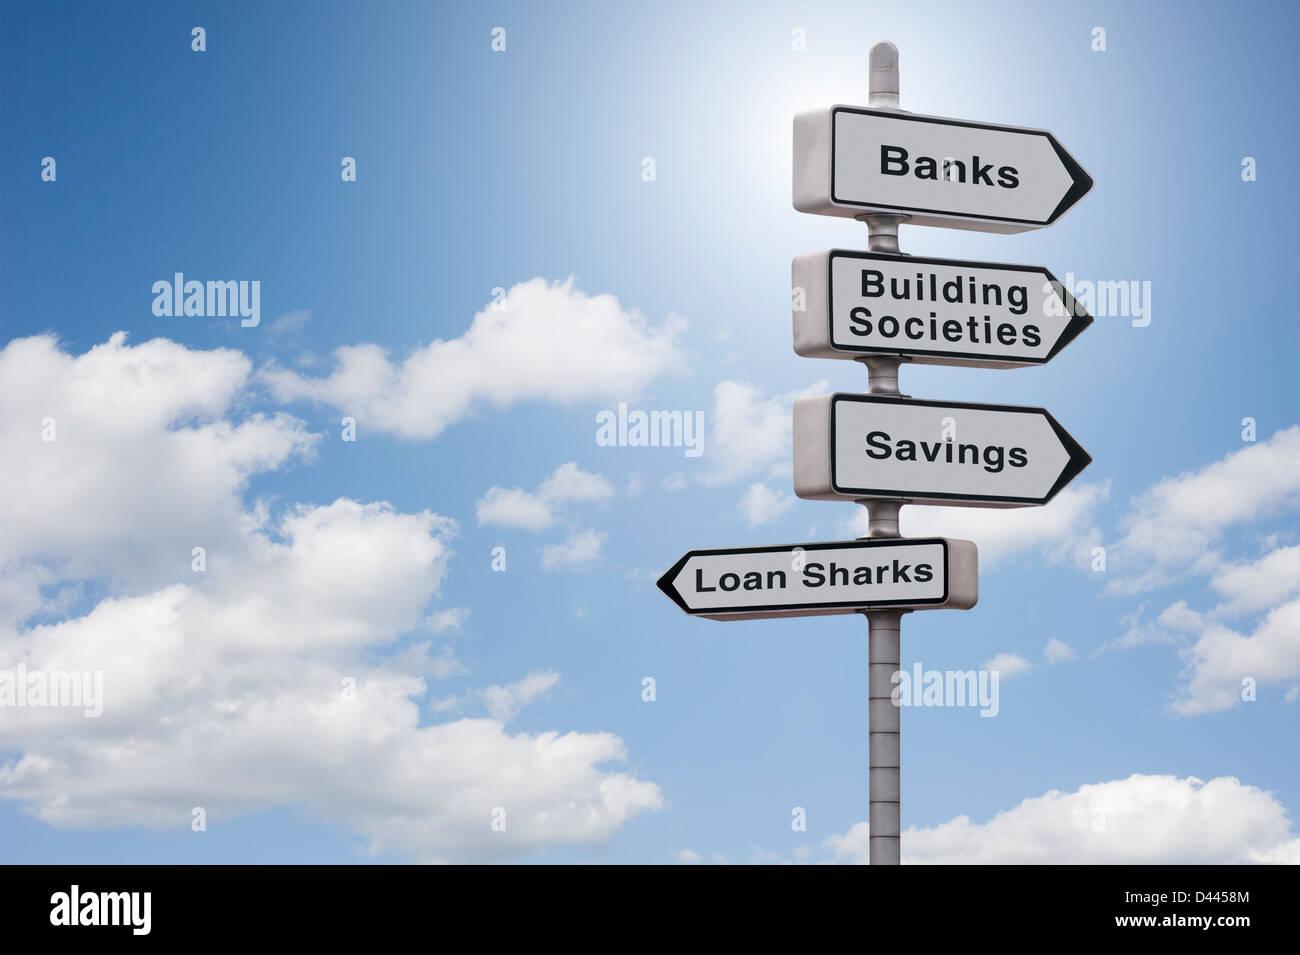 Segno con banche, società edilizie, i risparmi verso destra e strozzini rivolta verso sinistra Immagini Stock